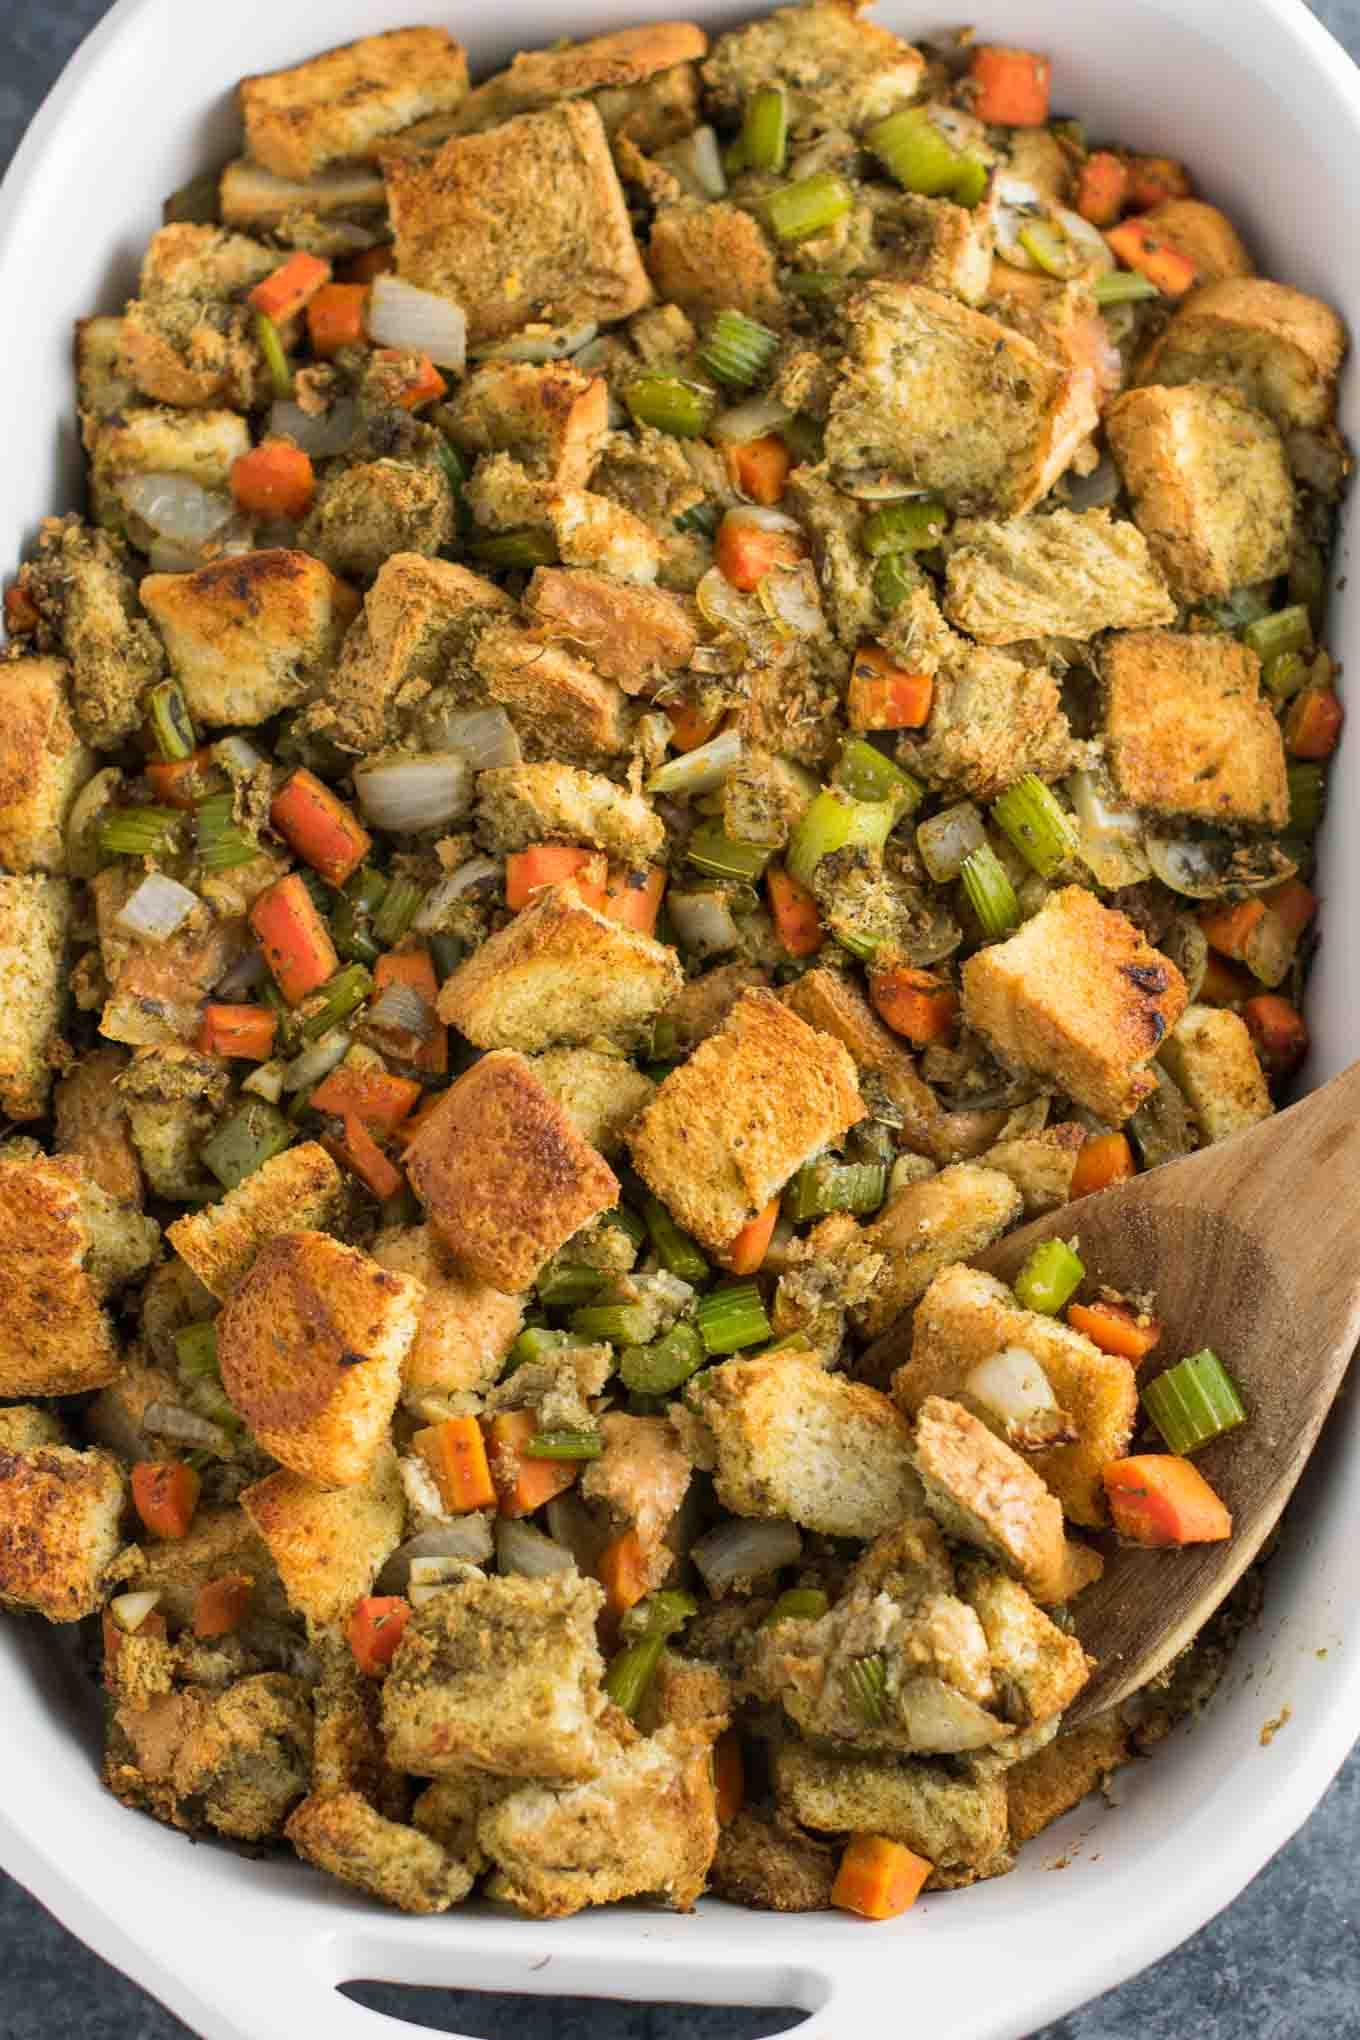 Vegan Stuffing Recipes Thanksgiving  Easy Vegan Stuffing Recipe gluten free dairy free